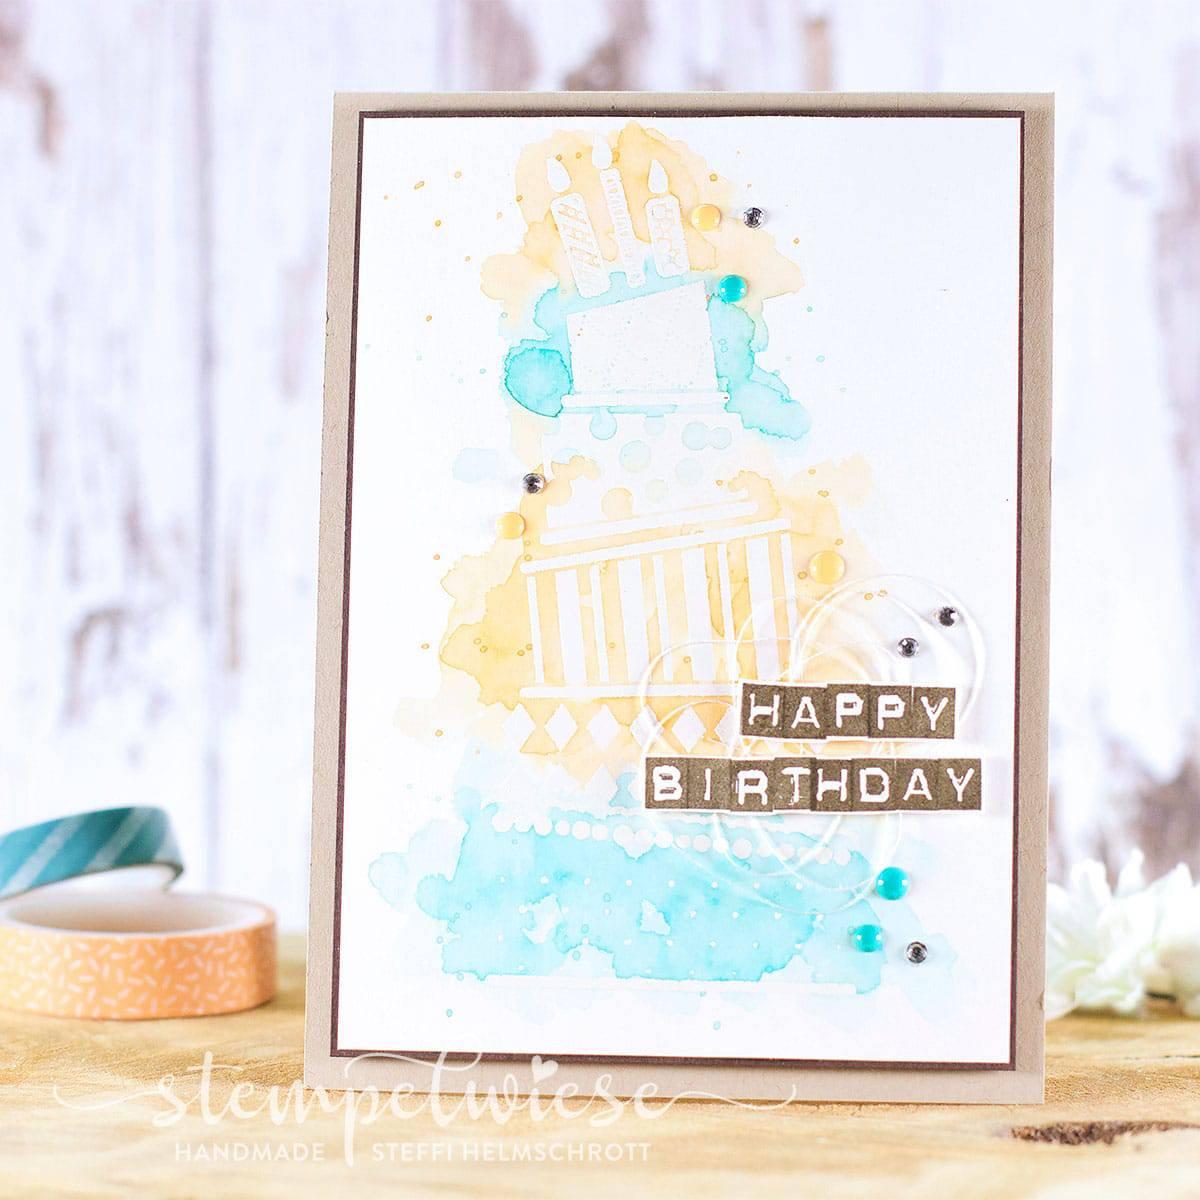 Geburtstagskarte mit Torte - Cake Crazy - Lack Akzente - Stampin' Up! - Stempelwiese